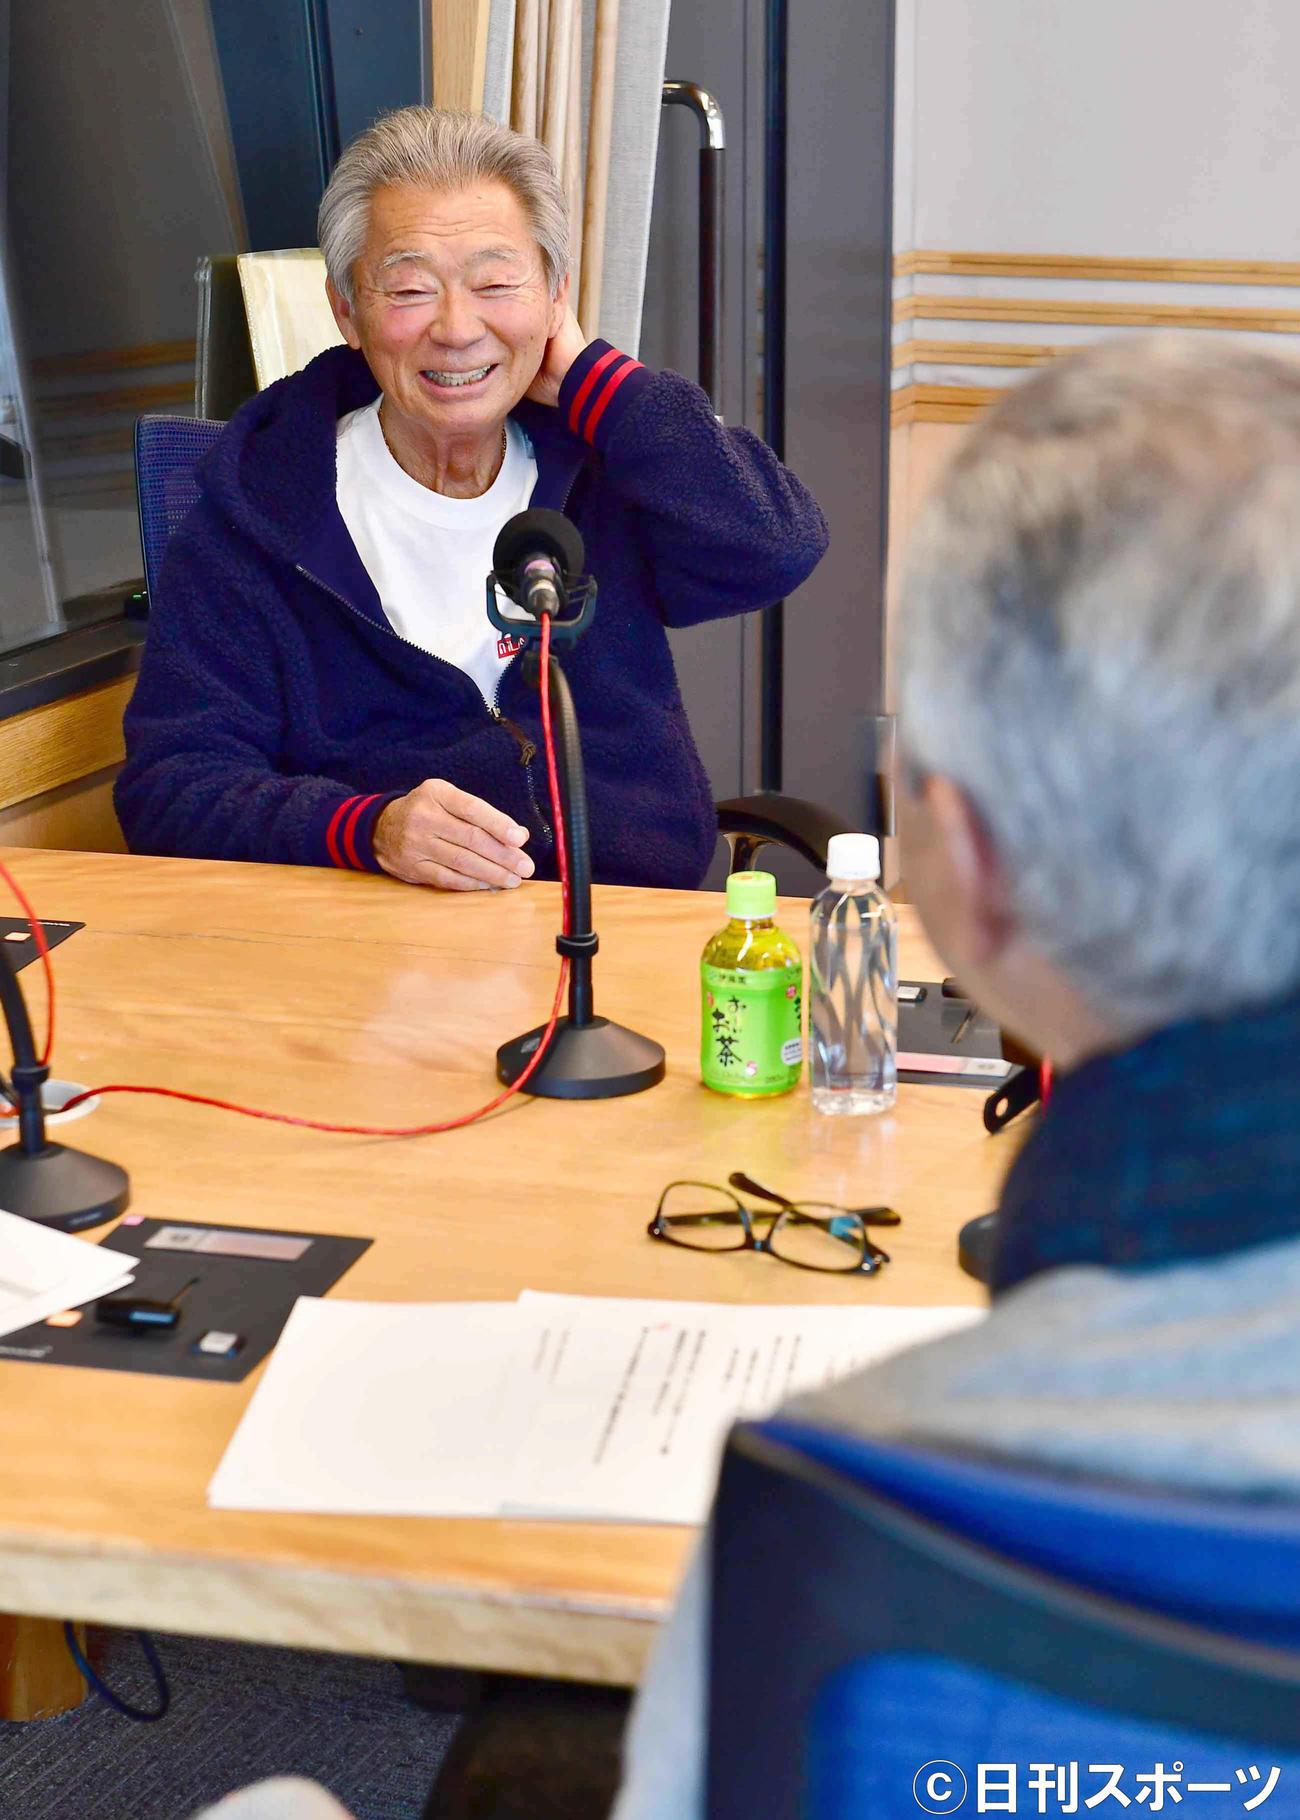 文化放送「大竹まこと ゴールデンラジオ」に生出演した、みのもんた(撮影・小沢裕)